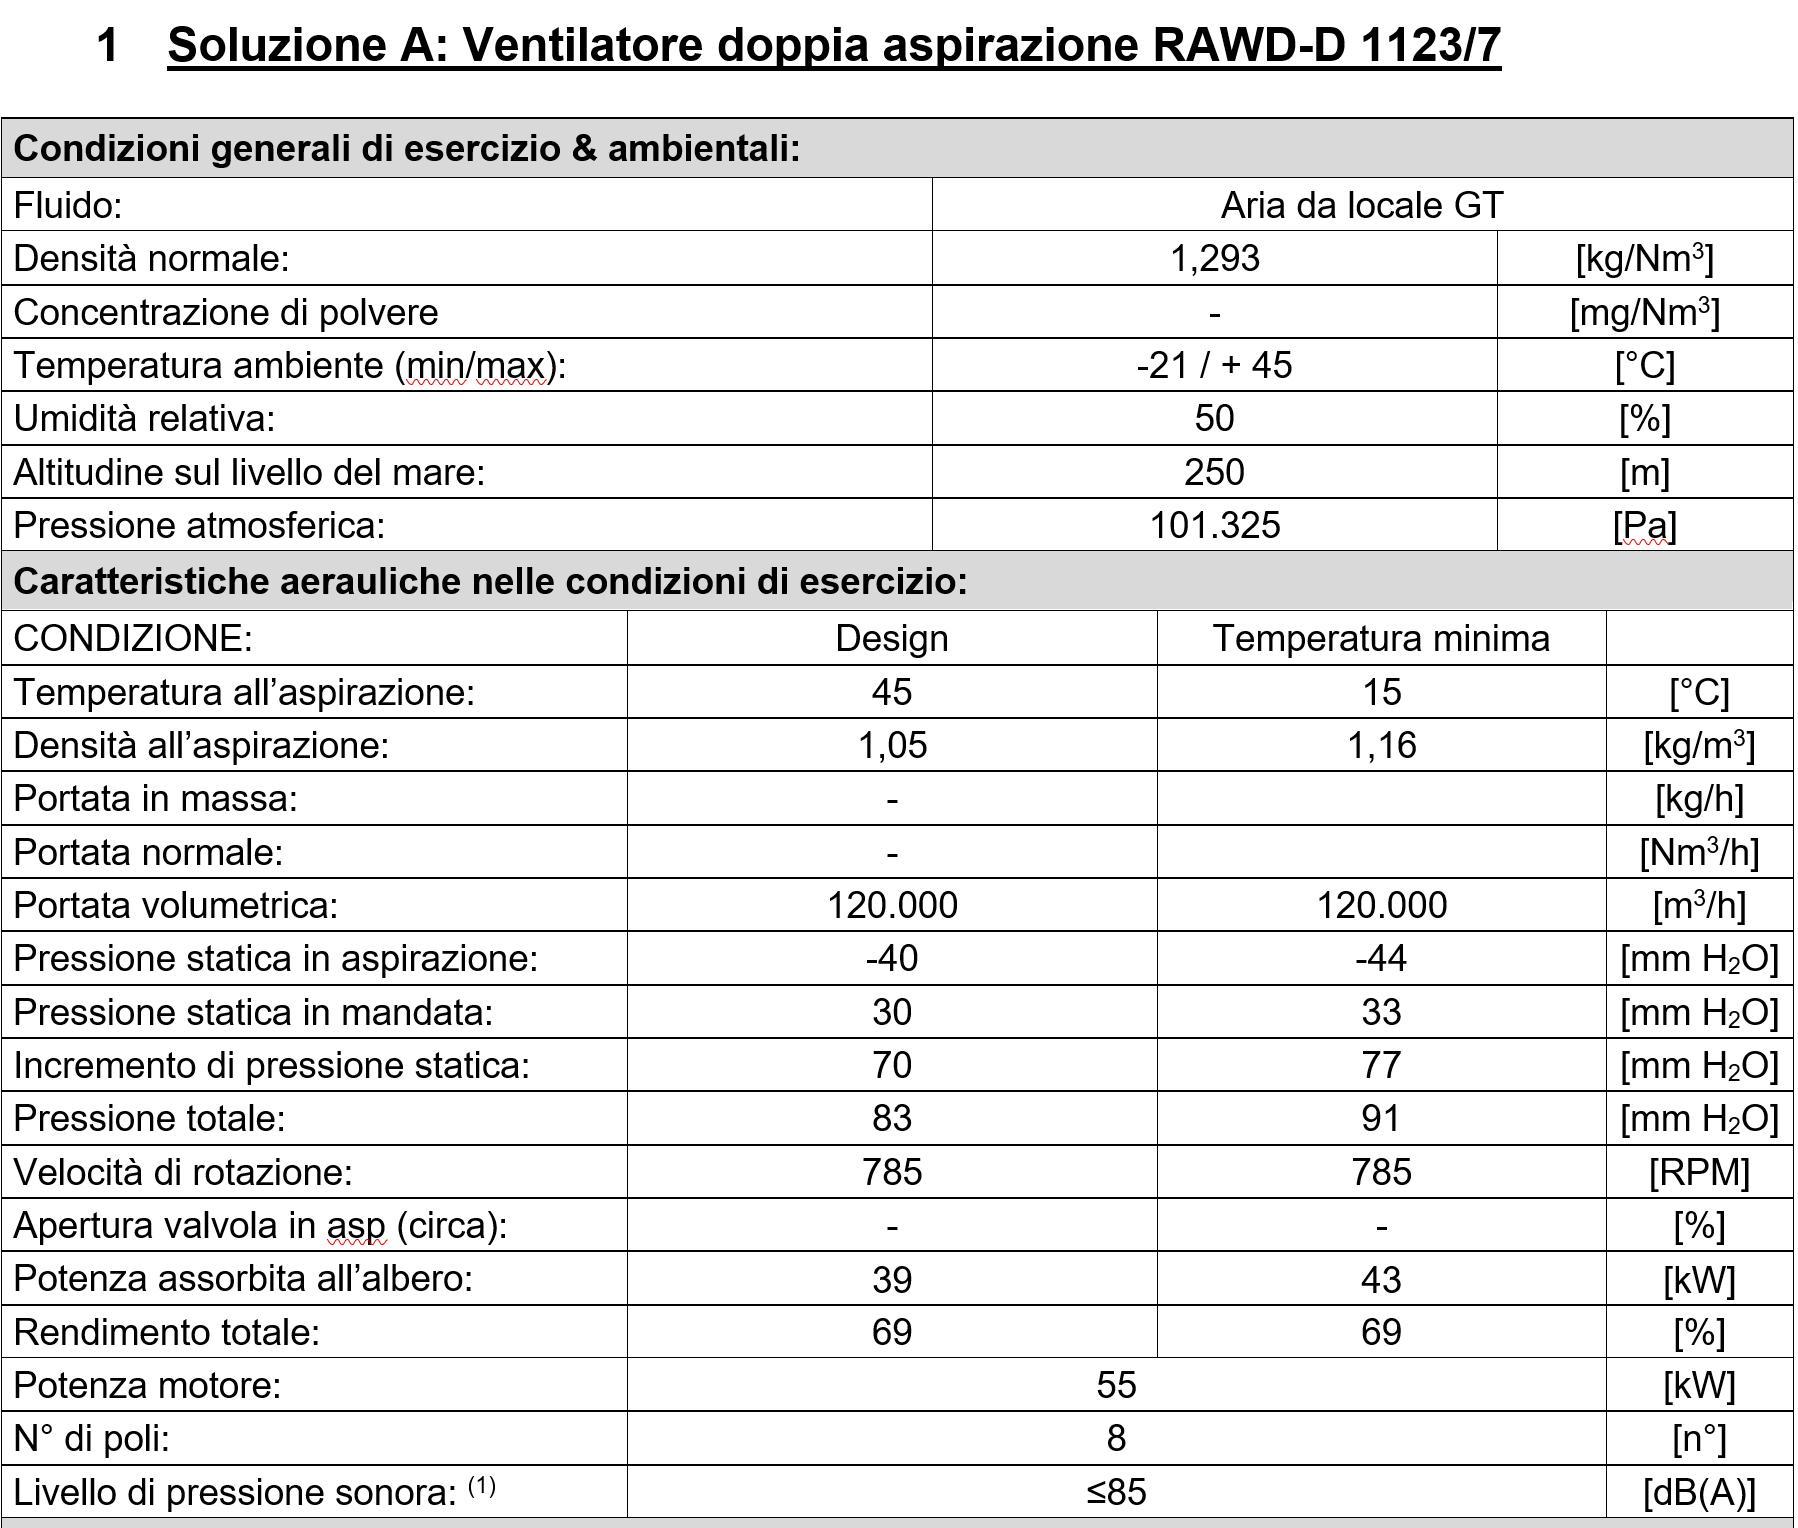 calcolare la potenza per un ventilatore centrifugo tabella dati completa